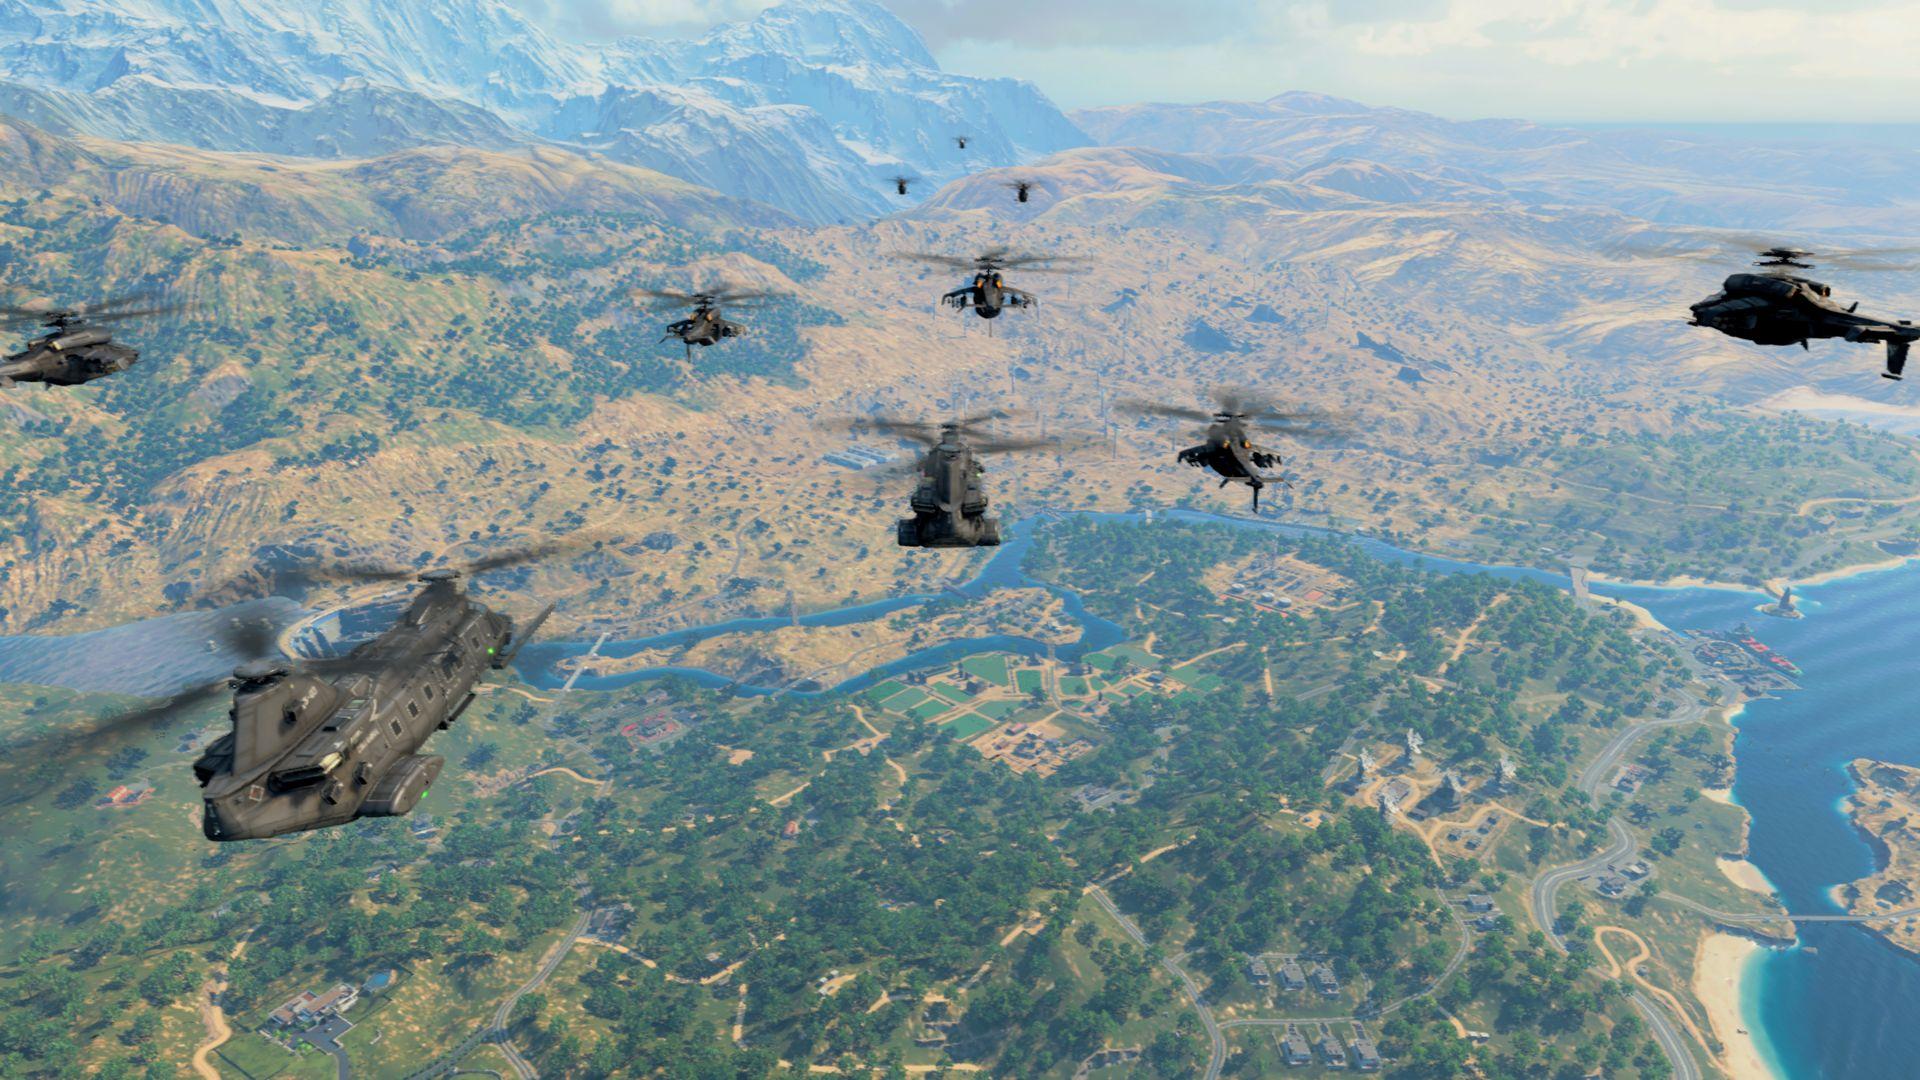 Zoskok z transportného vrtuľníka otvára boj o prežite.